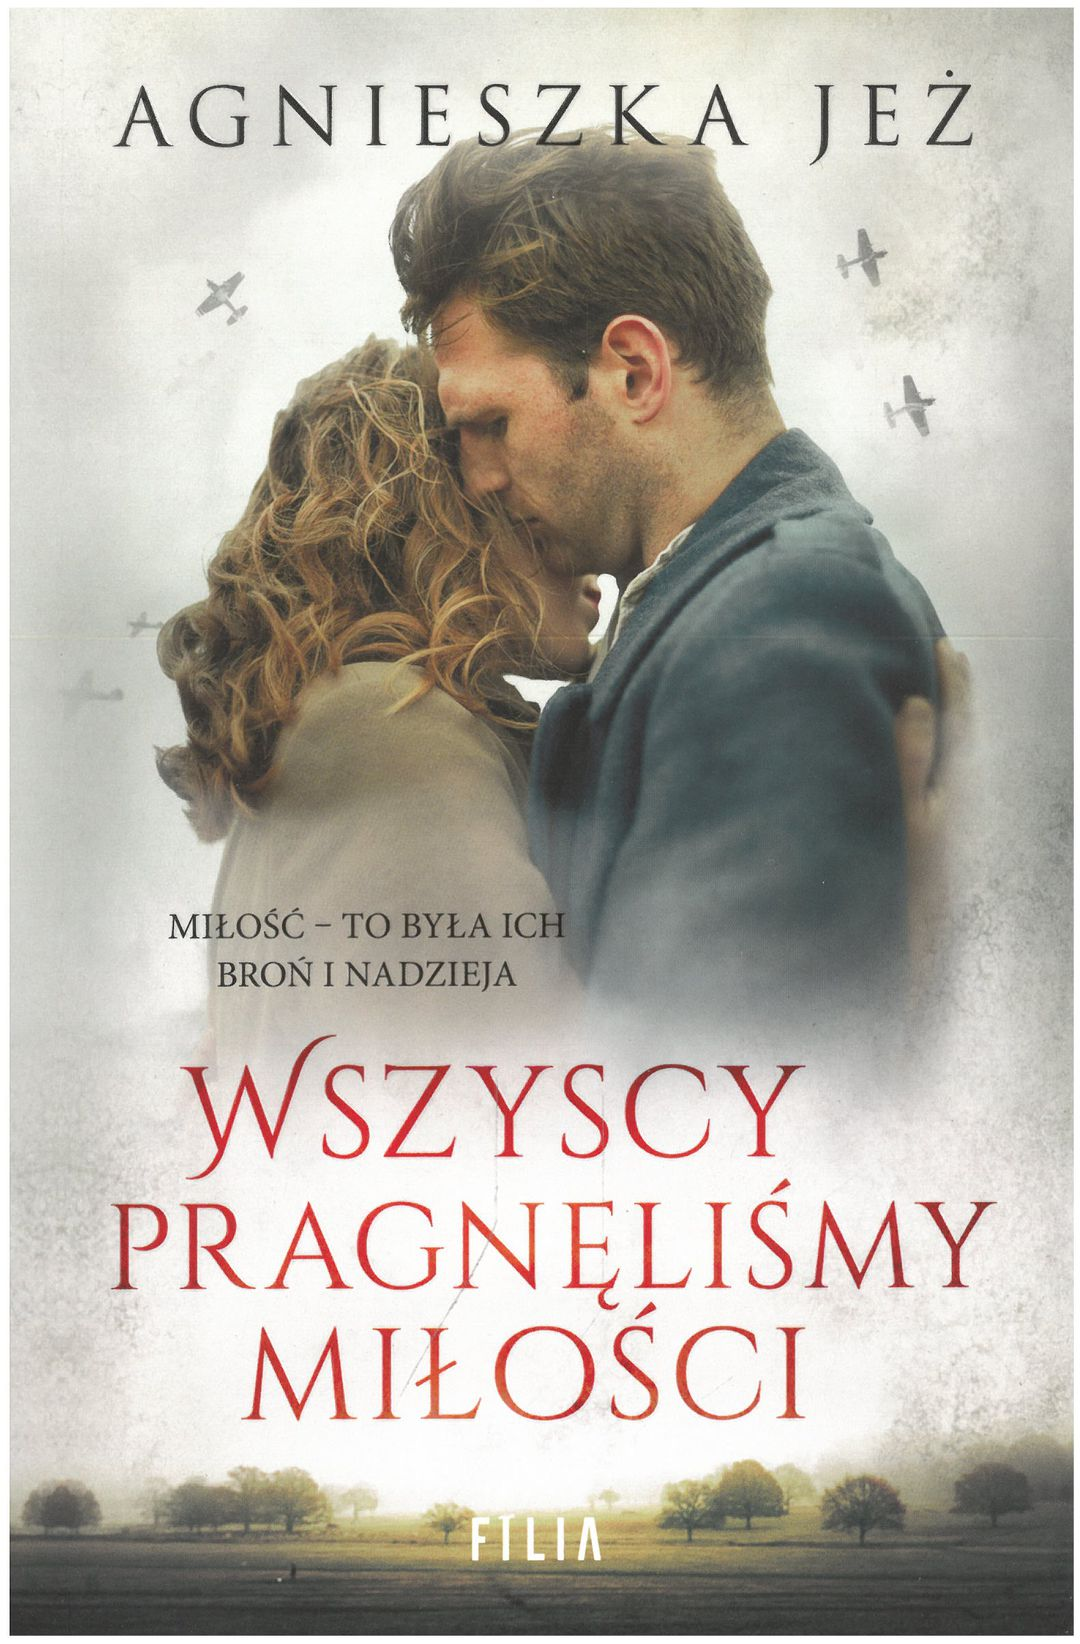 Jeż Agnieszka - Wszyscy Pragnęliśmy Miłości